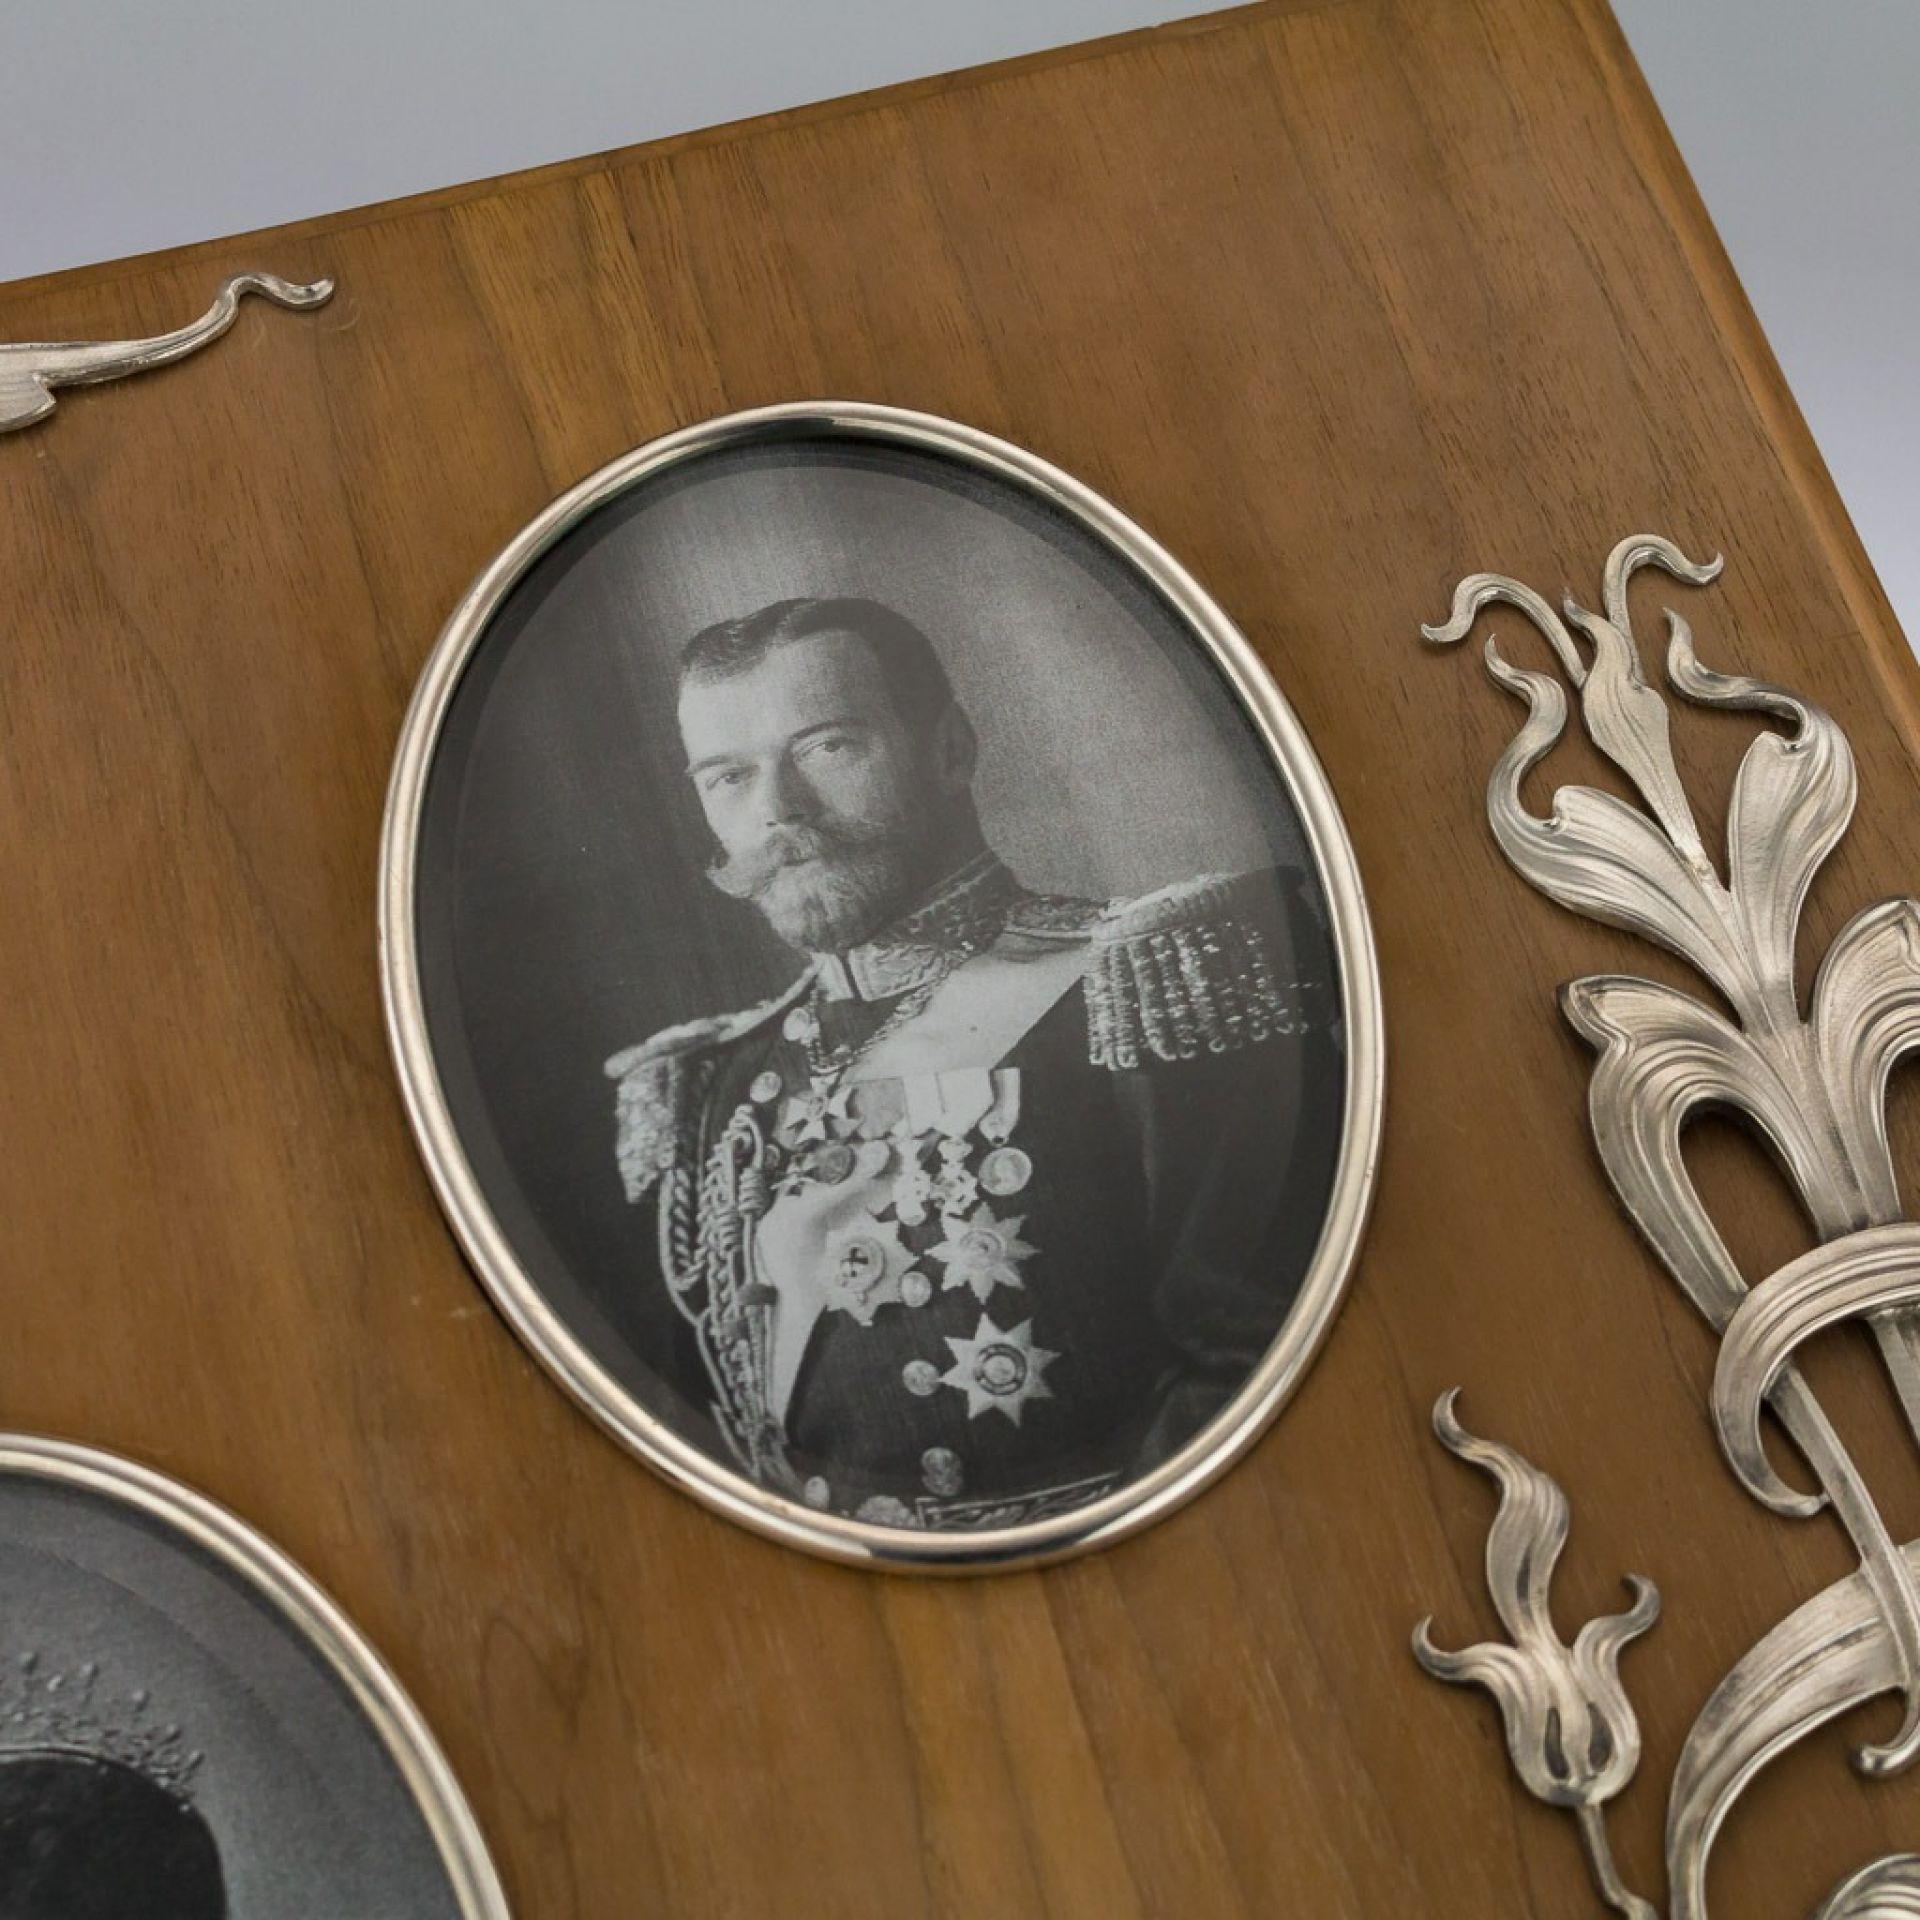 ANTIQUE 20thC RUSSIAN ART NOUVEAU SOLID SILVER LARGE PHOTO FRAME c.1910